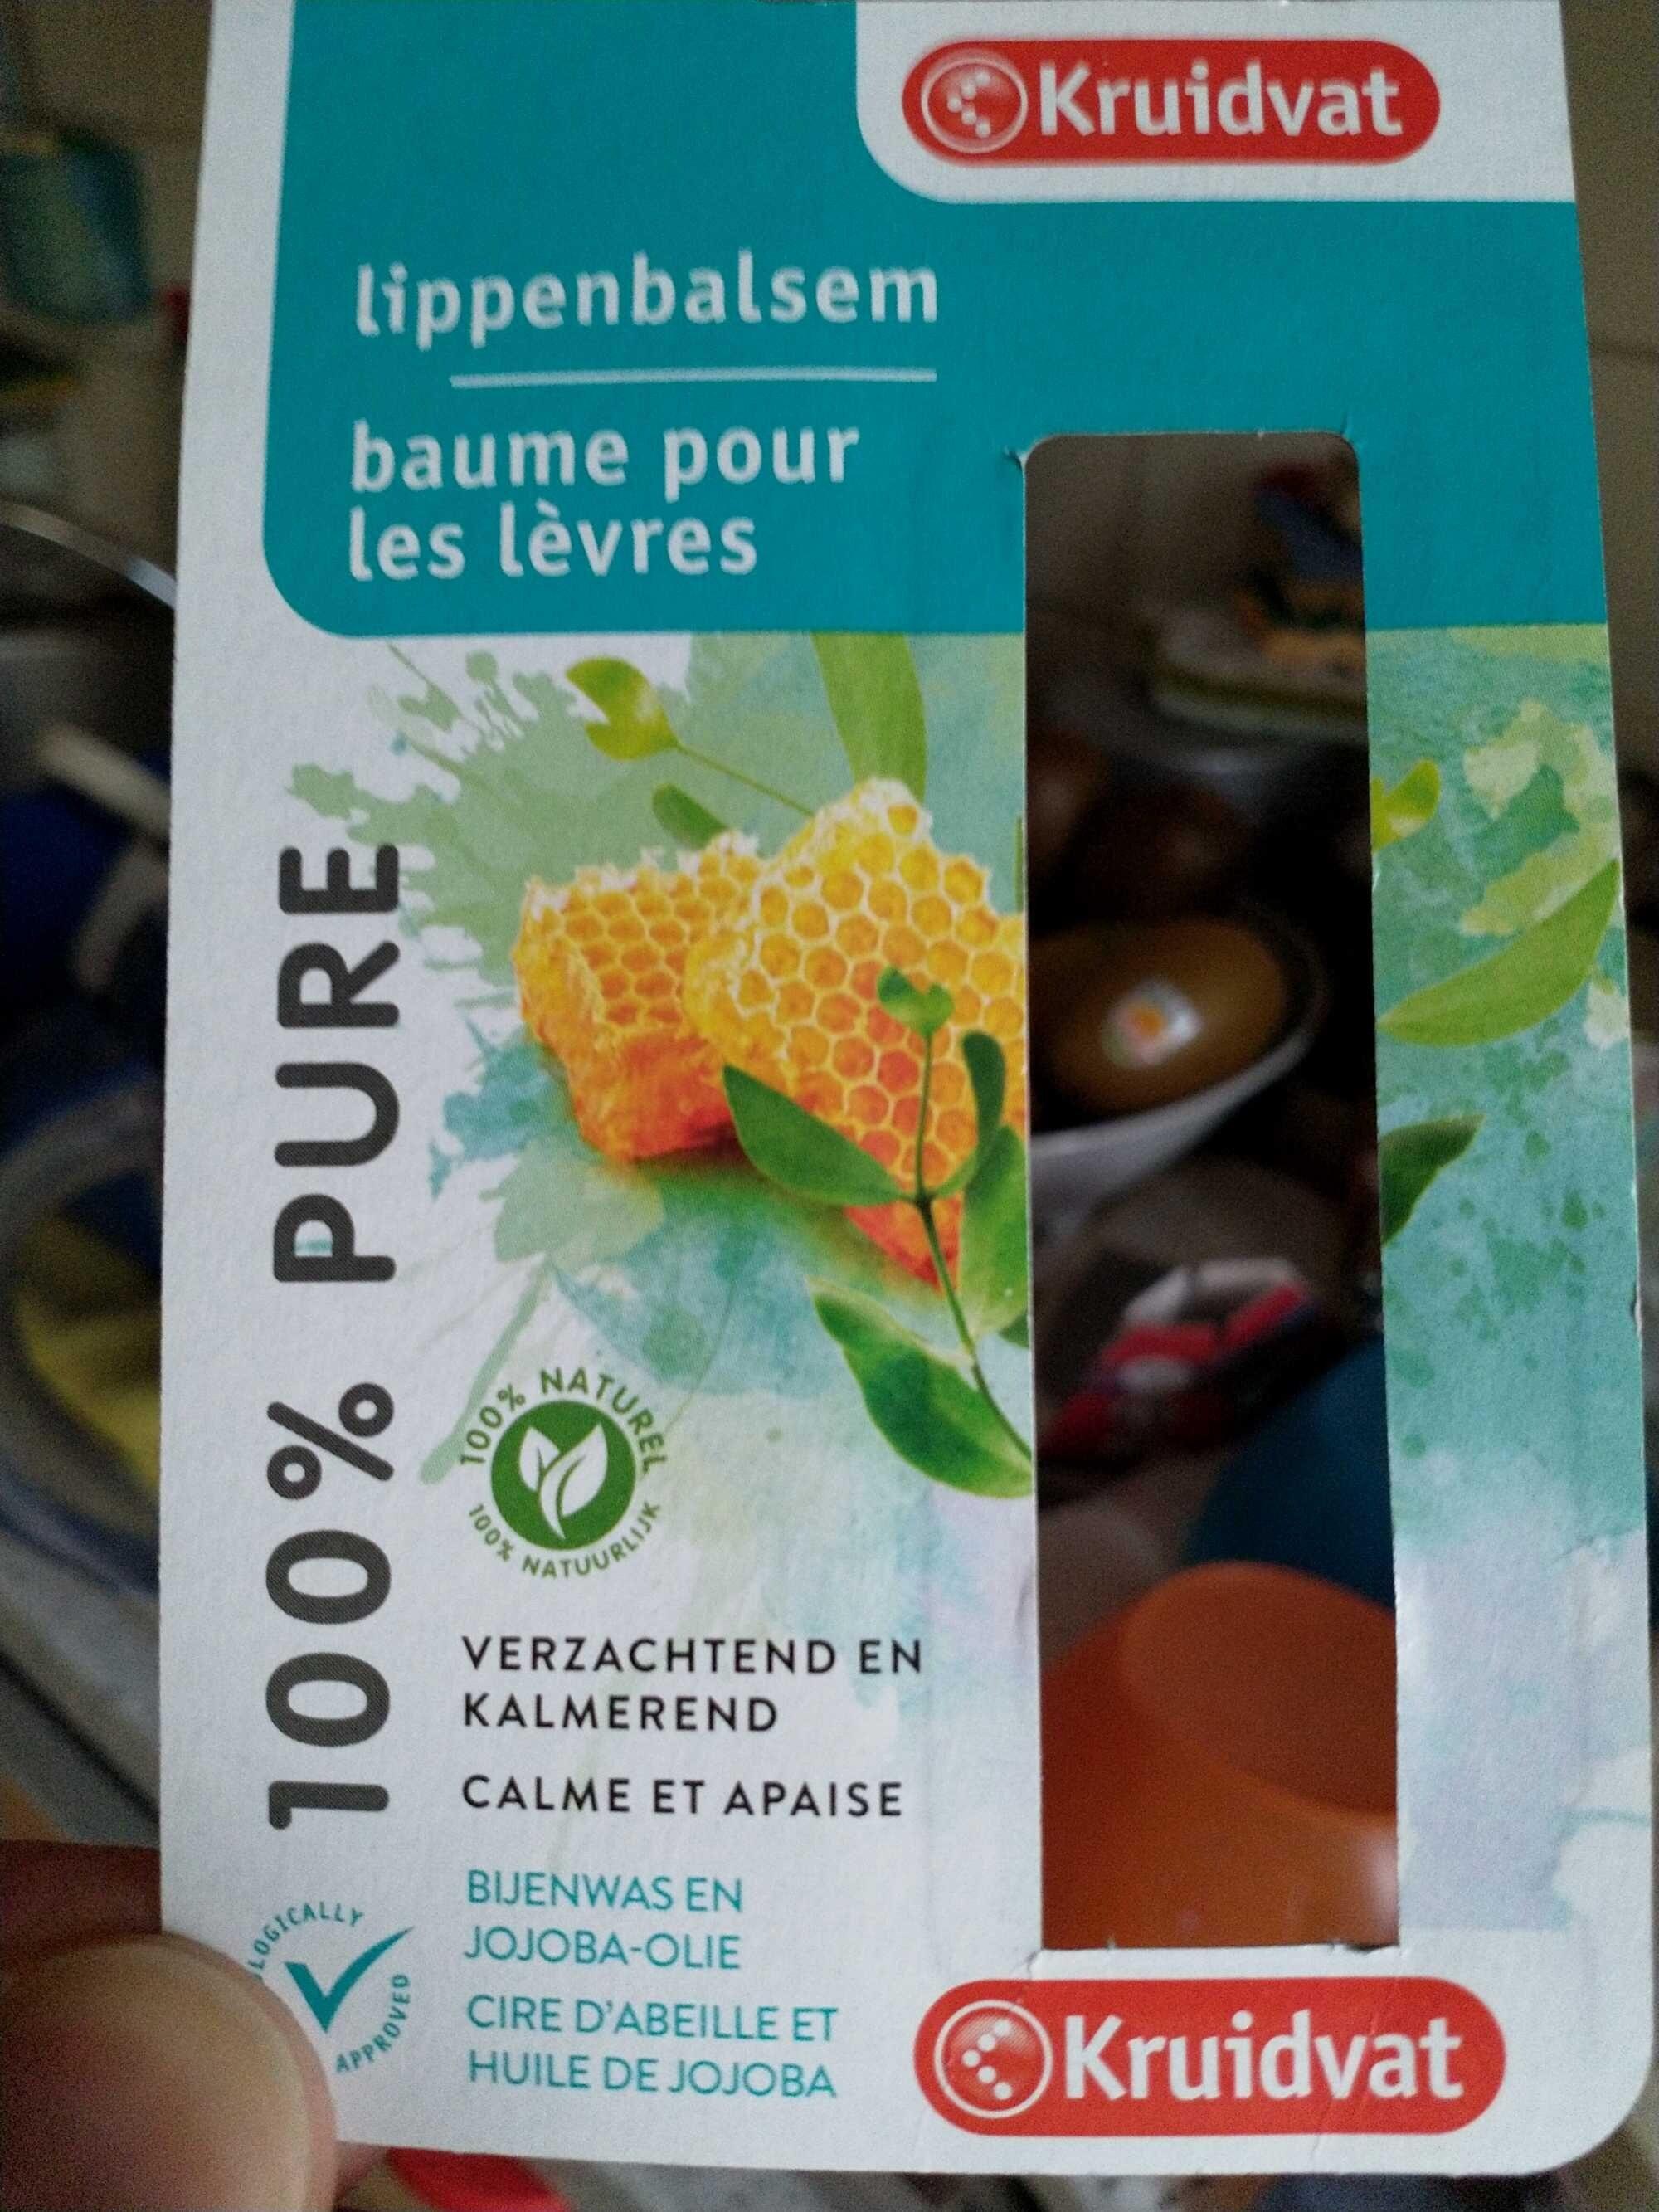 Baume pour les lèvres - Product - fr